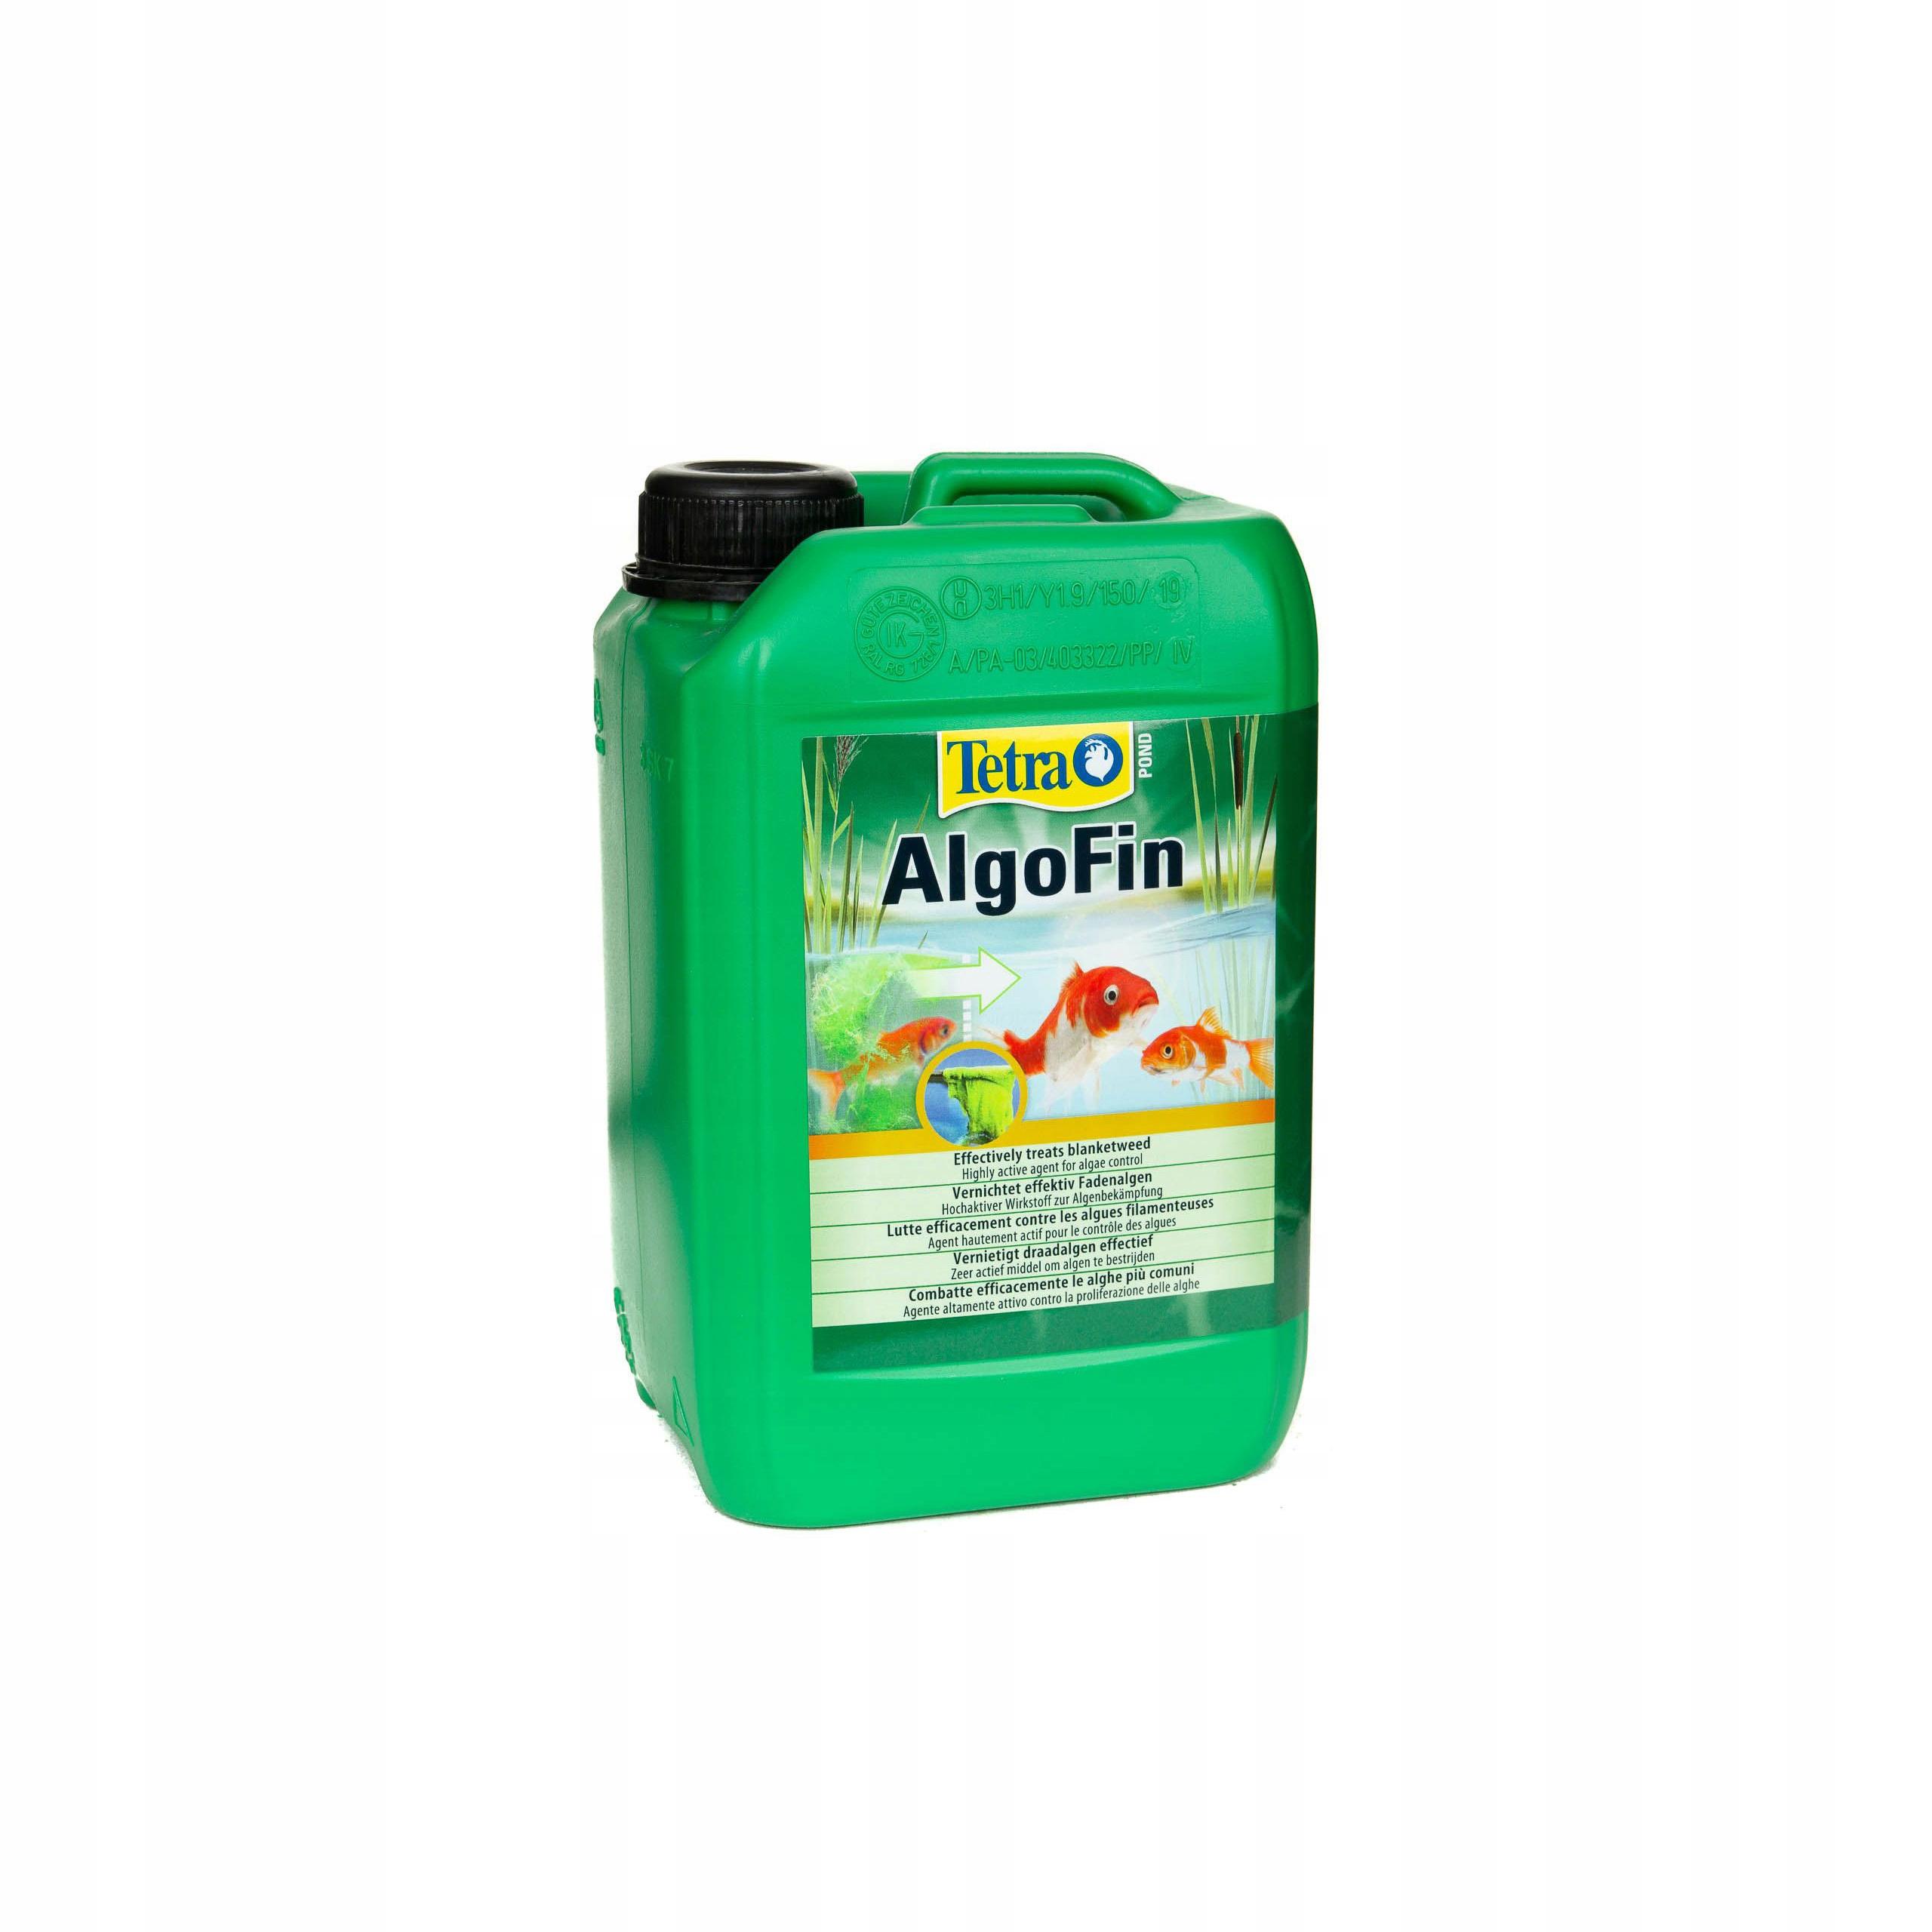 TETRA POND ALGOFIN NA GLONY NITKOWATE ALGO FIN 3L